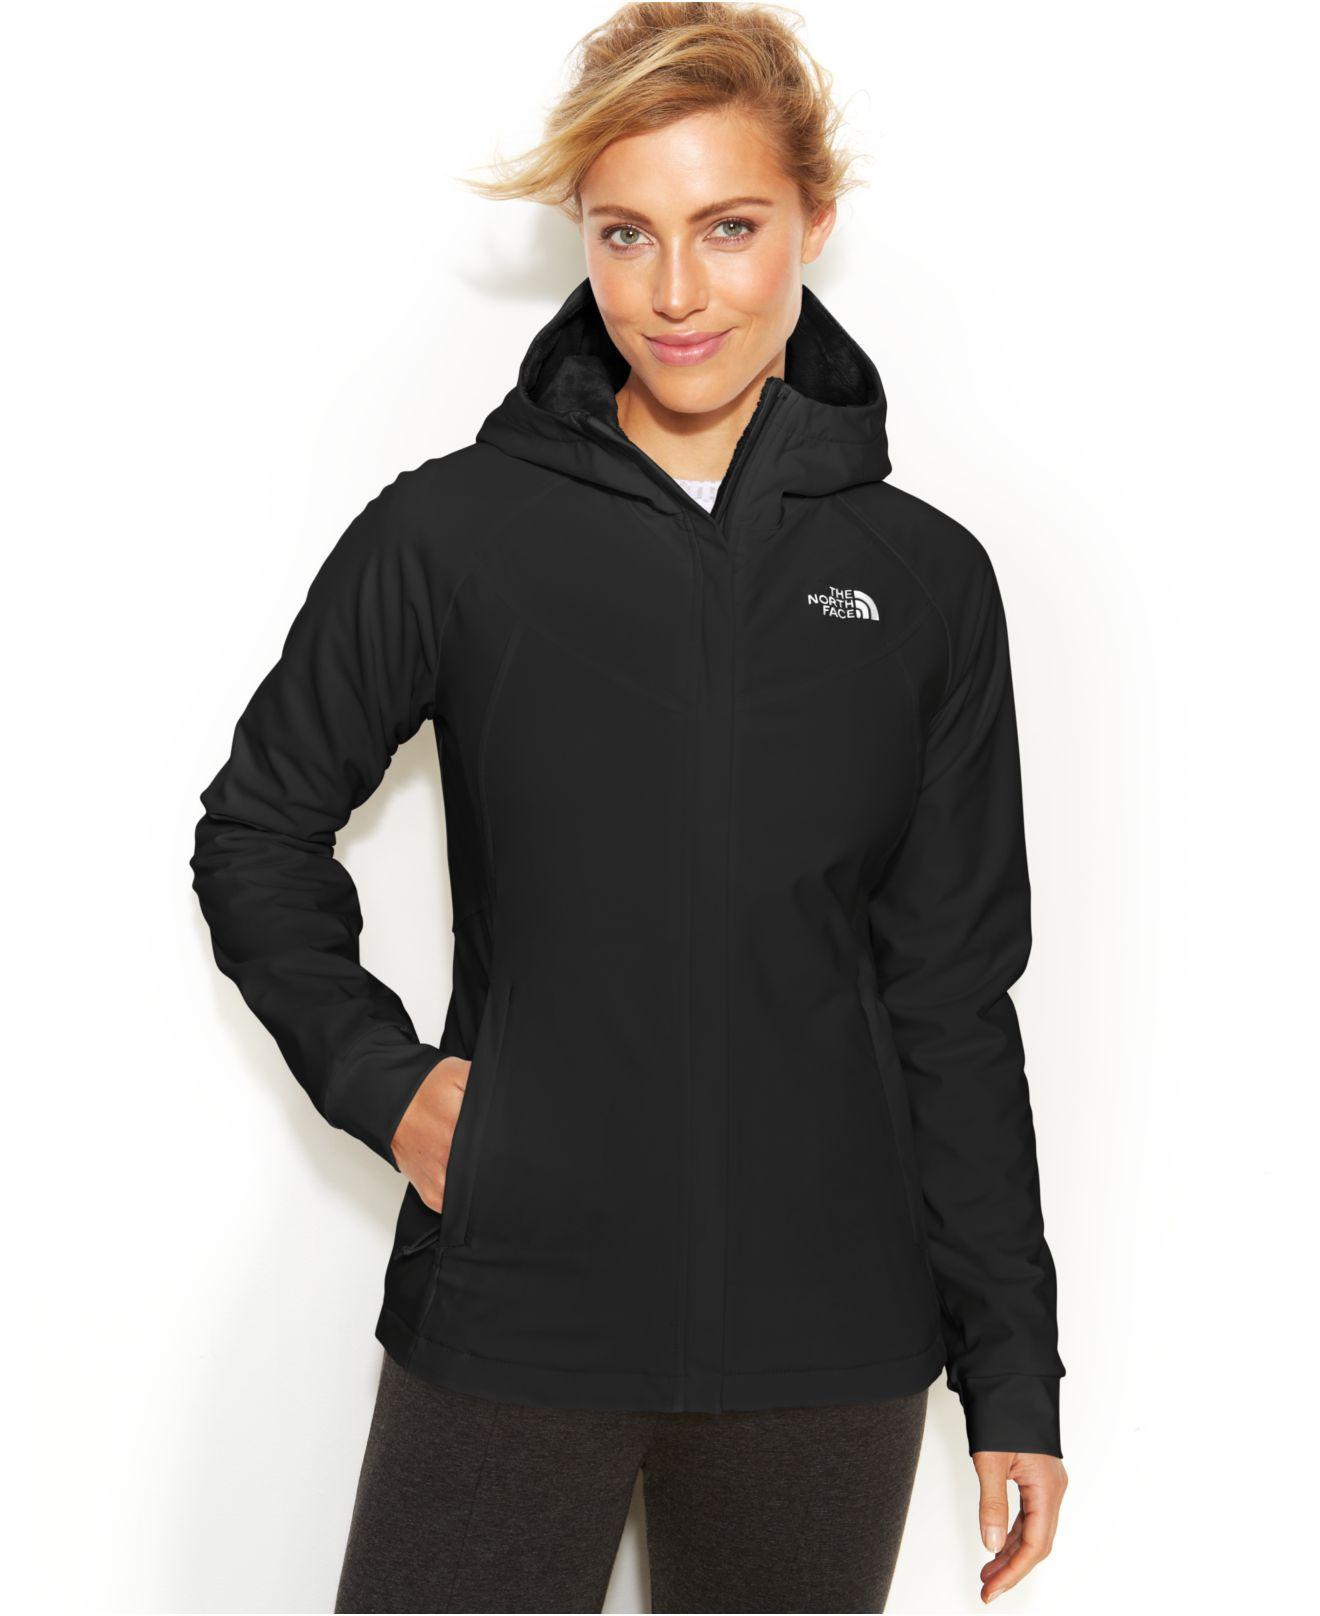 1f72339b1 The North Face Black Maddie Raschel Hoodie Jacket